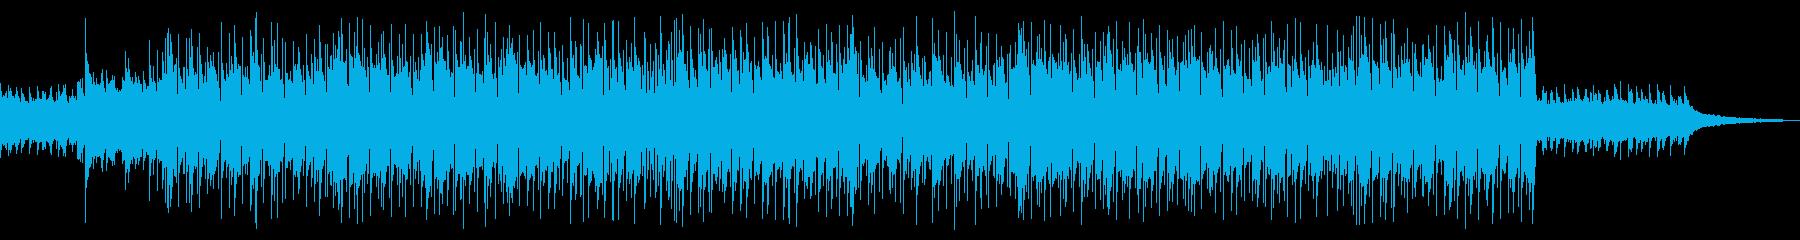 懐かしい感じのポップスの再生済みの波形